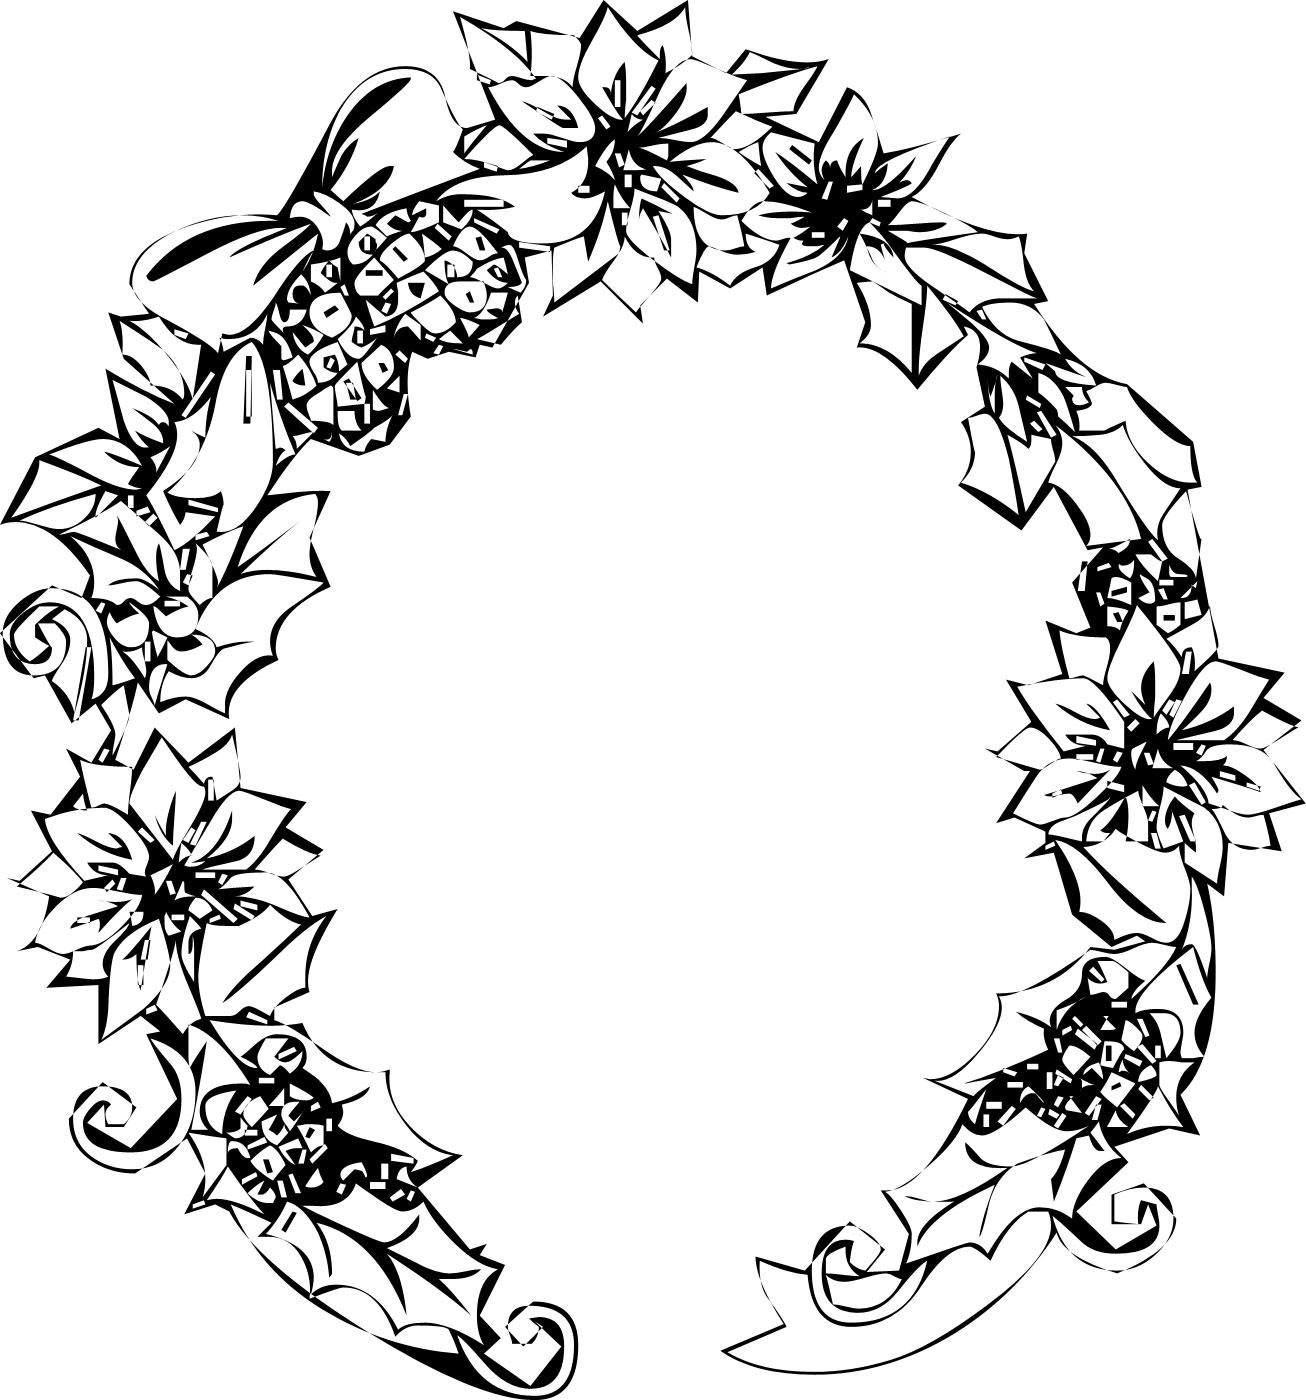 花のイラスト・フリー素材/フレーム枠no.206『白黒・クリスマスリース』